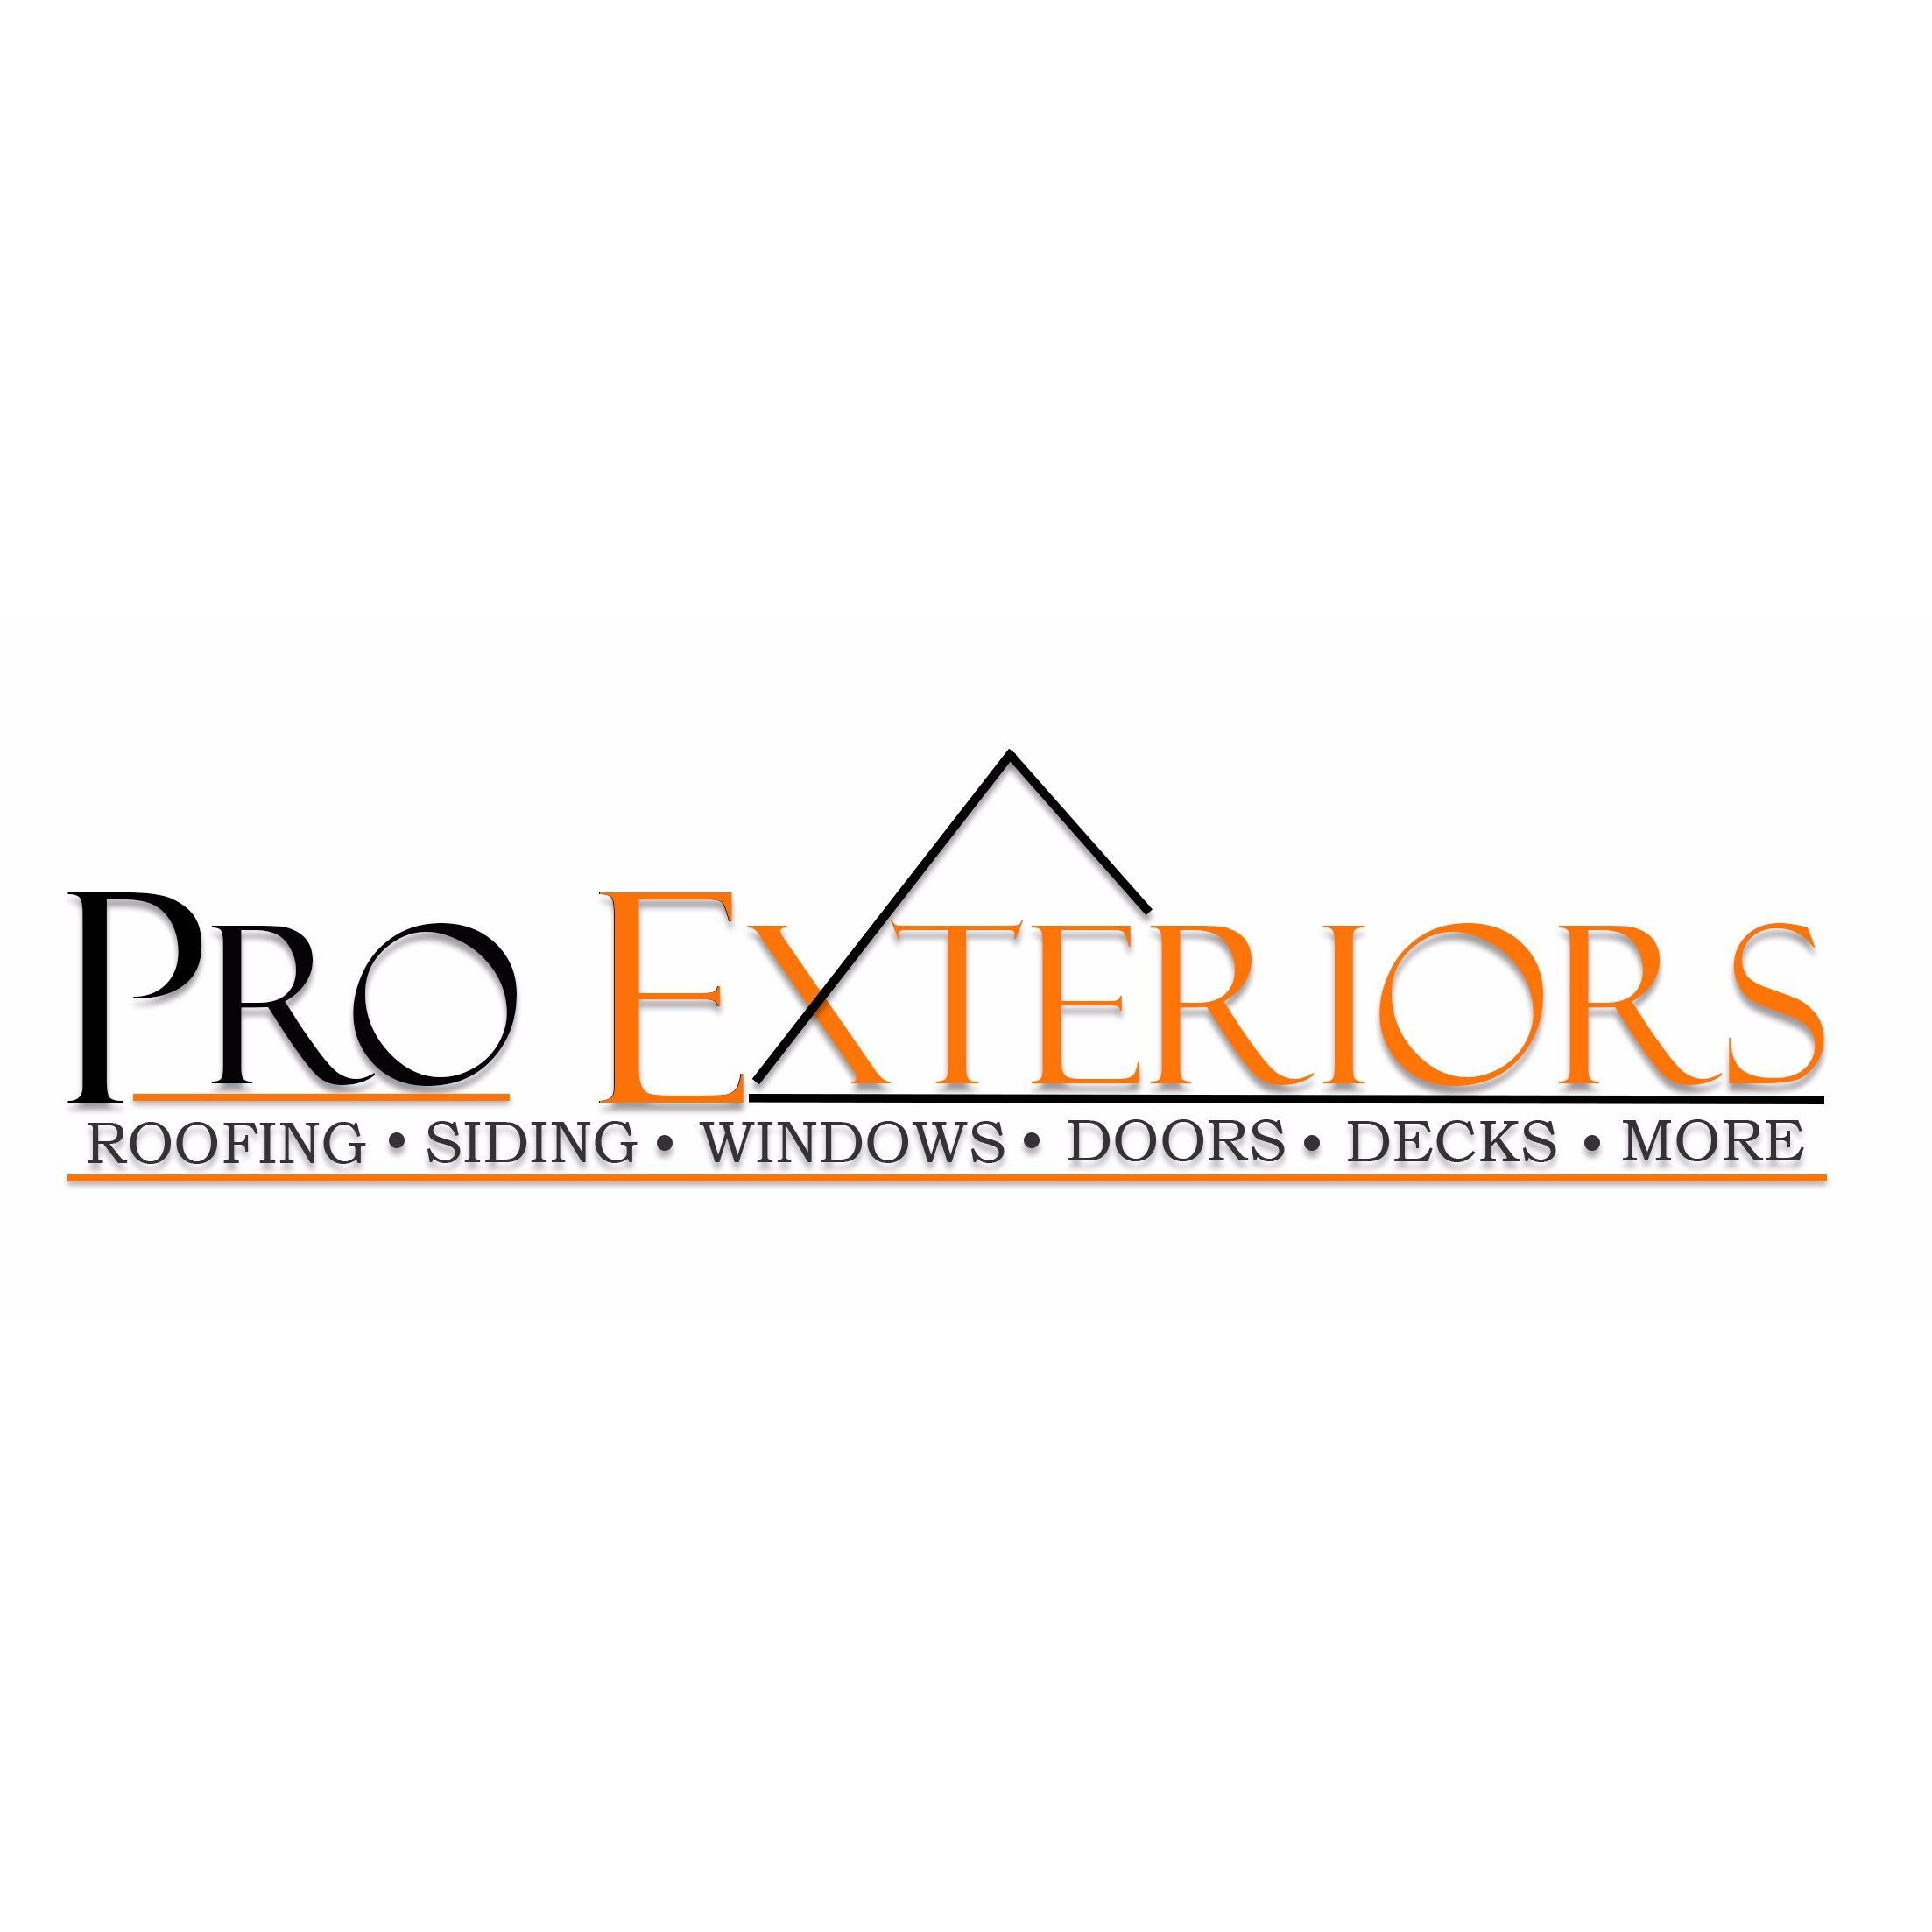 Pro Exteriors In Milton De 19968